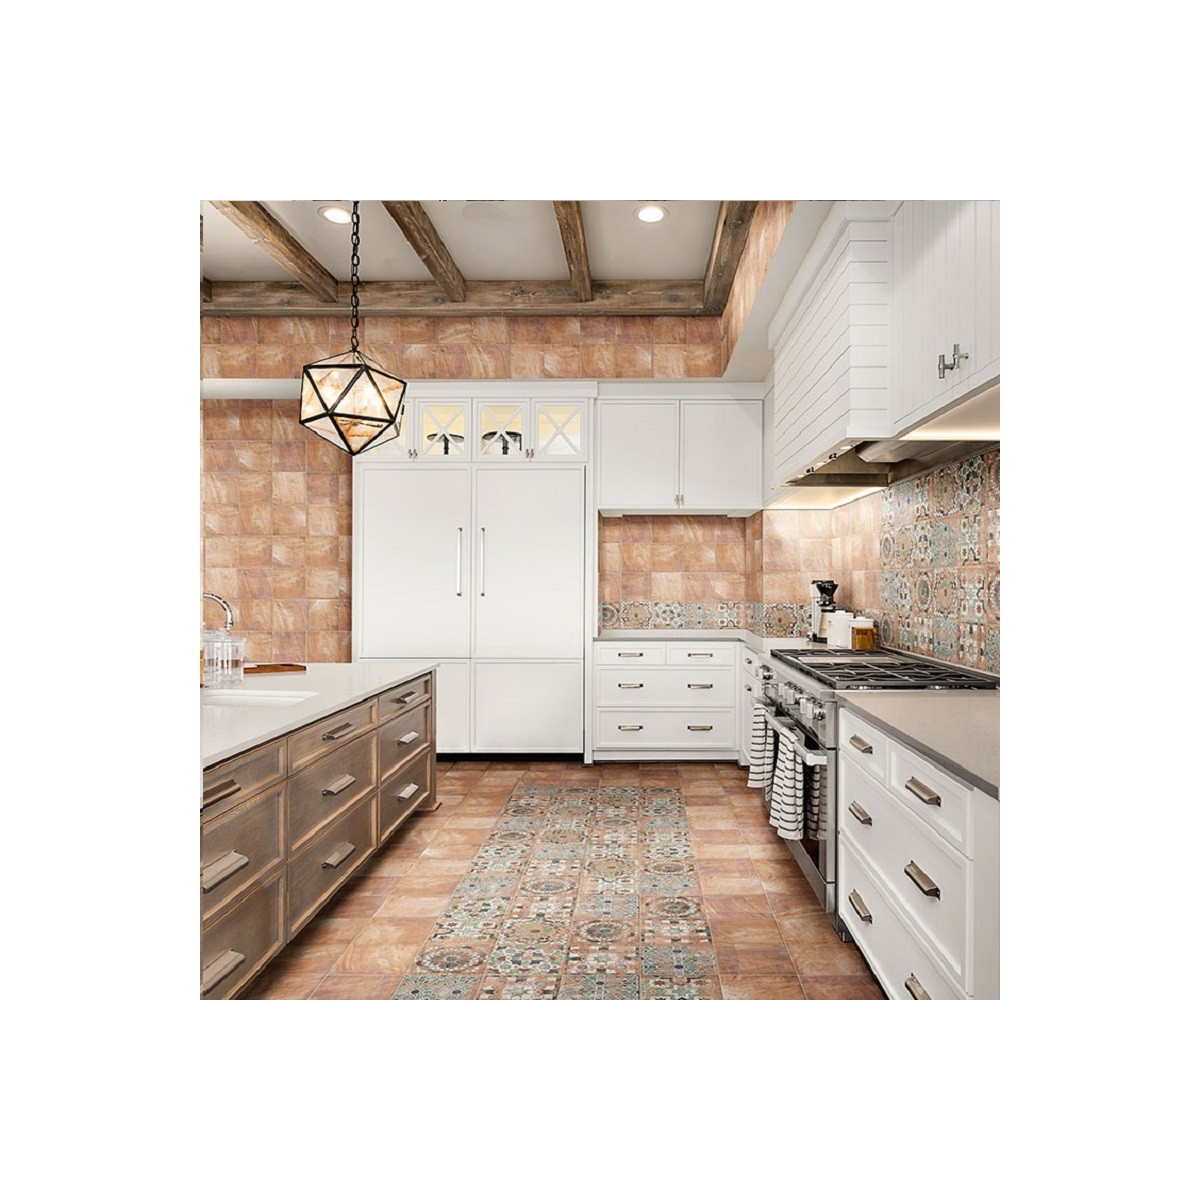 Suelo y azulejos Forli Cream (m2) imitación hidráulico barato - Serie Forli